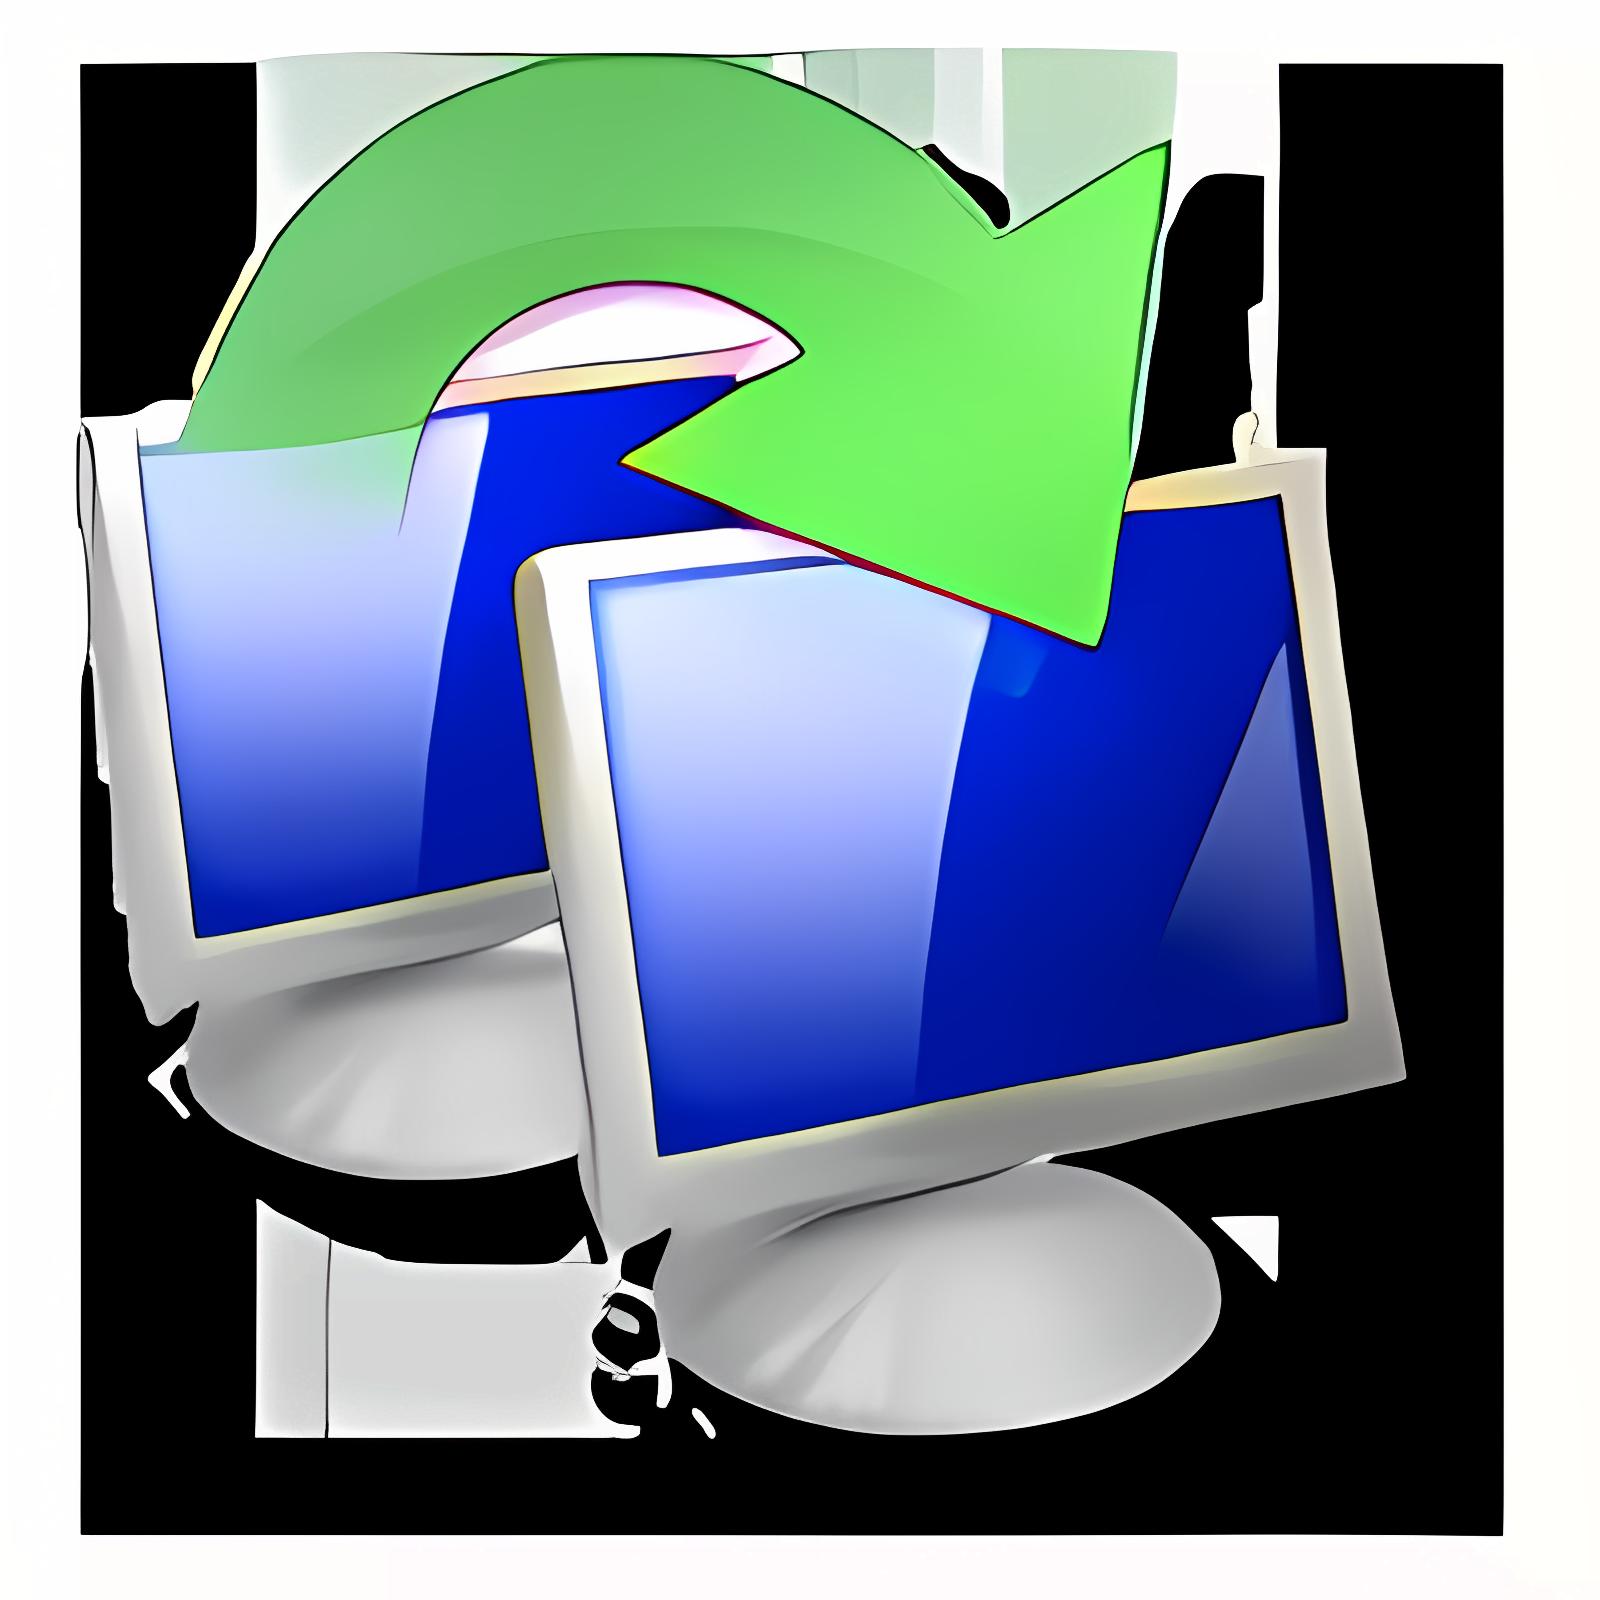 Windows-EasyTransfer für die Übertragung von Windows XP nach Windows 7